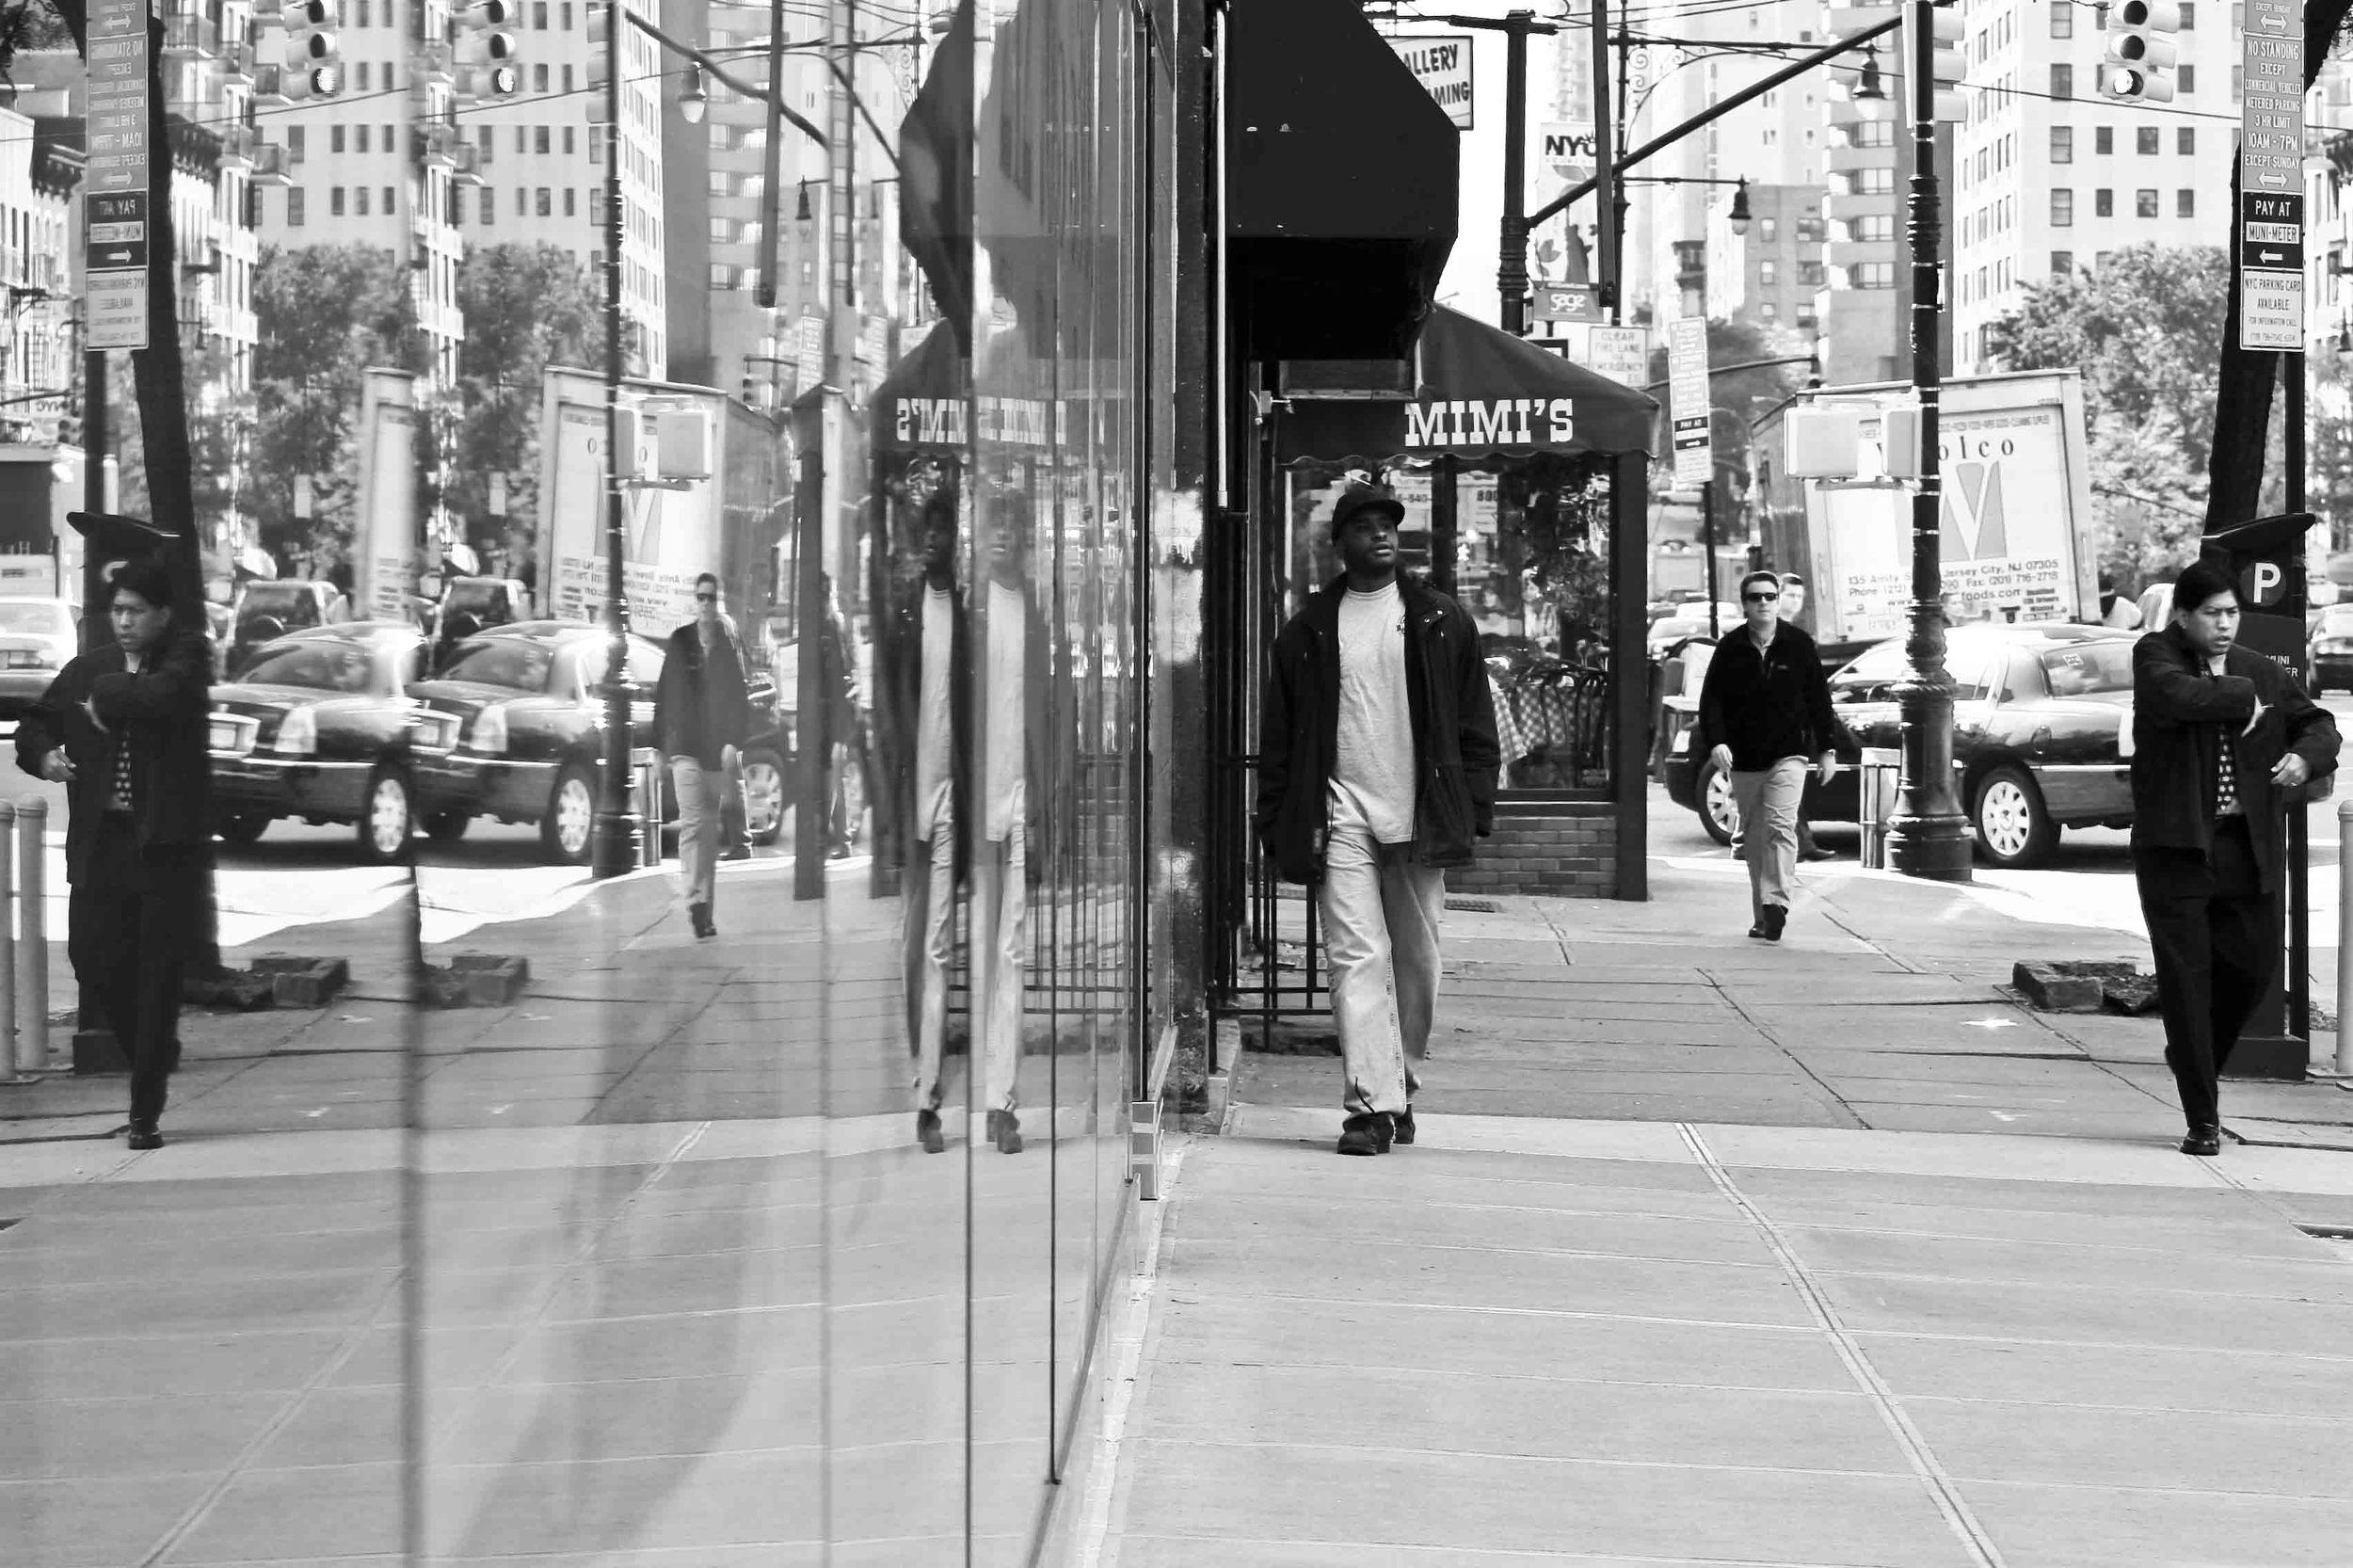 NYC Streetlife III.jpg